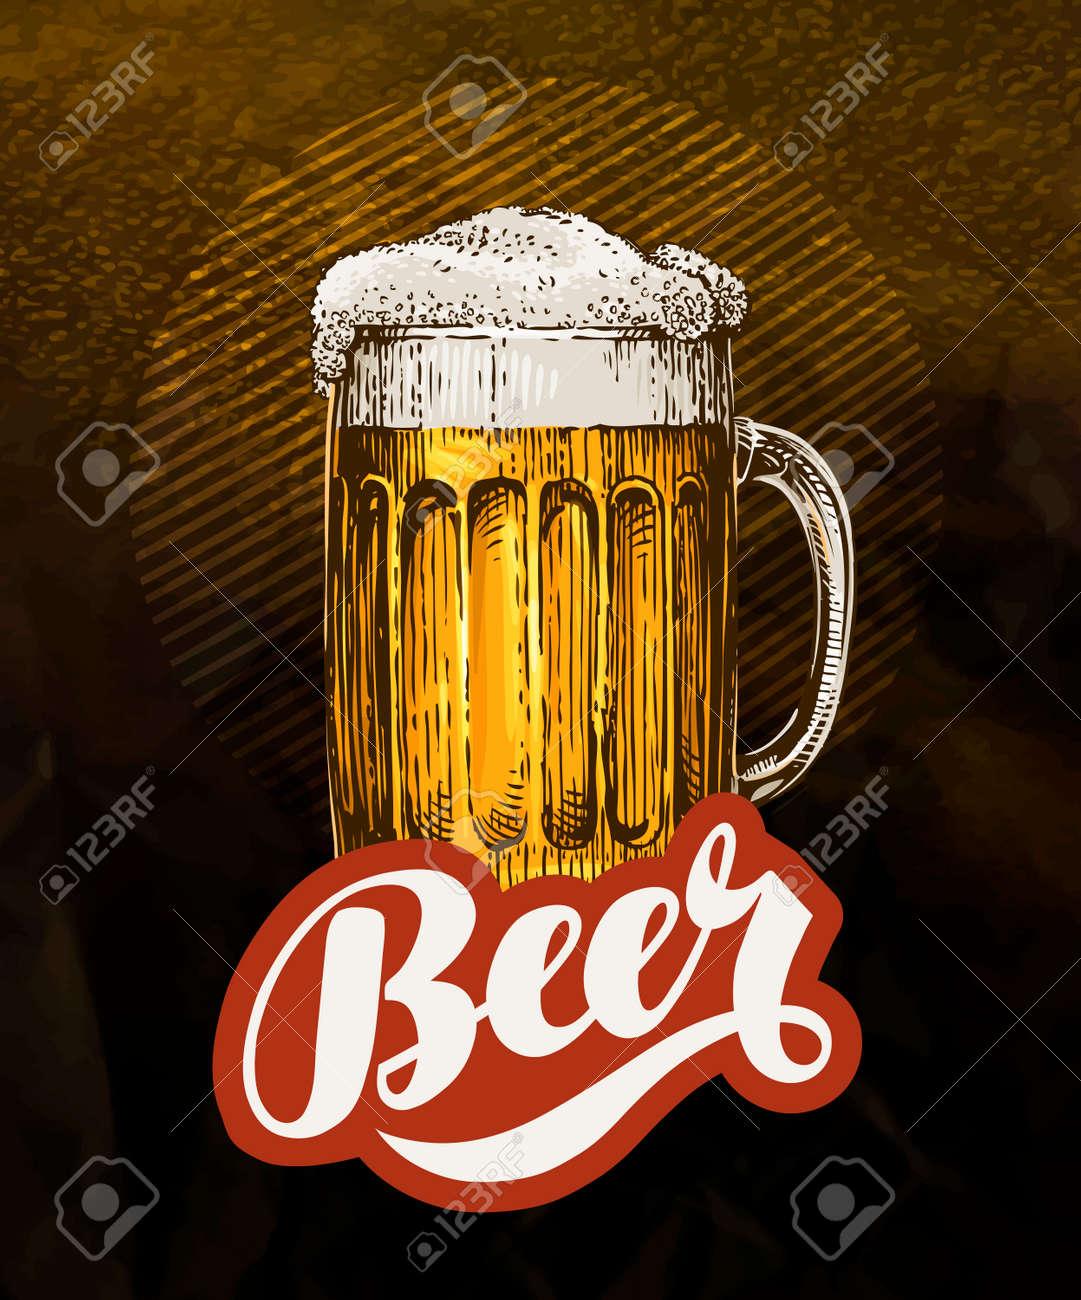 Fresh craft beer. Vintage poster for cold ale. Vector illustration - 68940473